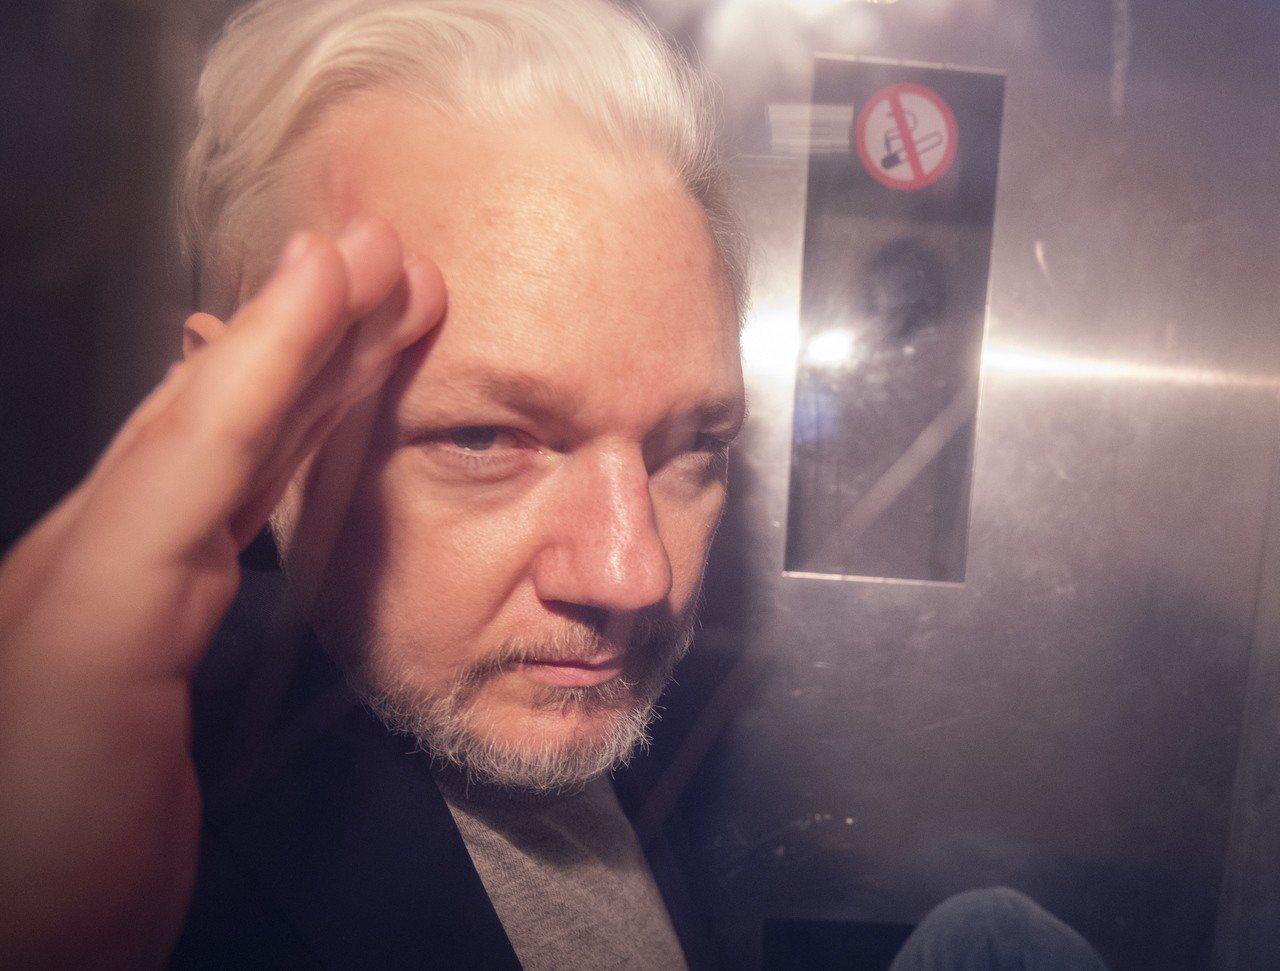 華府以間諜罪要求引渡維基解密創辦人阿桑吉。 歐新社